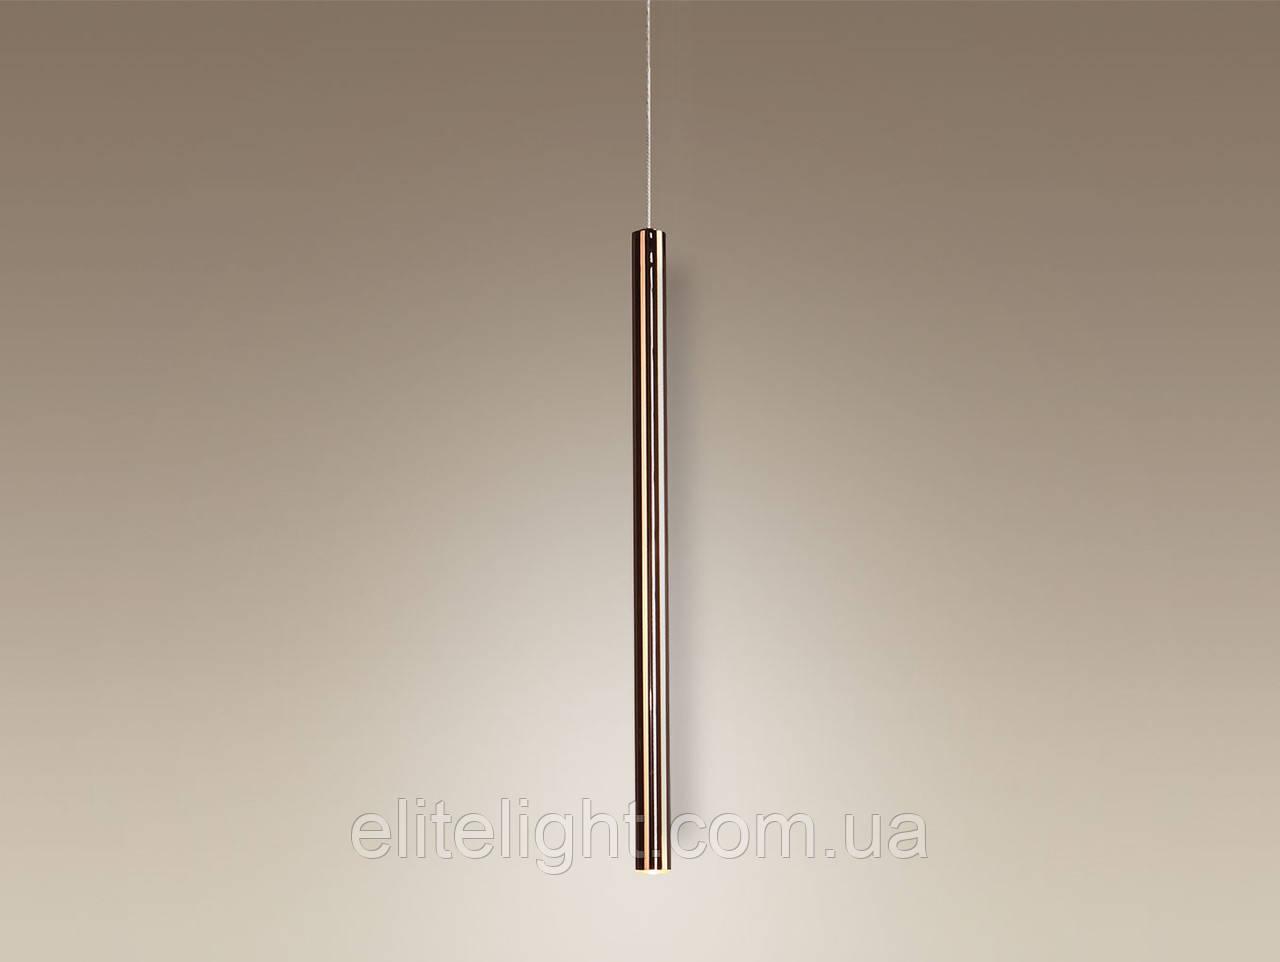 Подвесной светильник Maxlight Organic Copper P0171